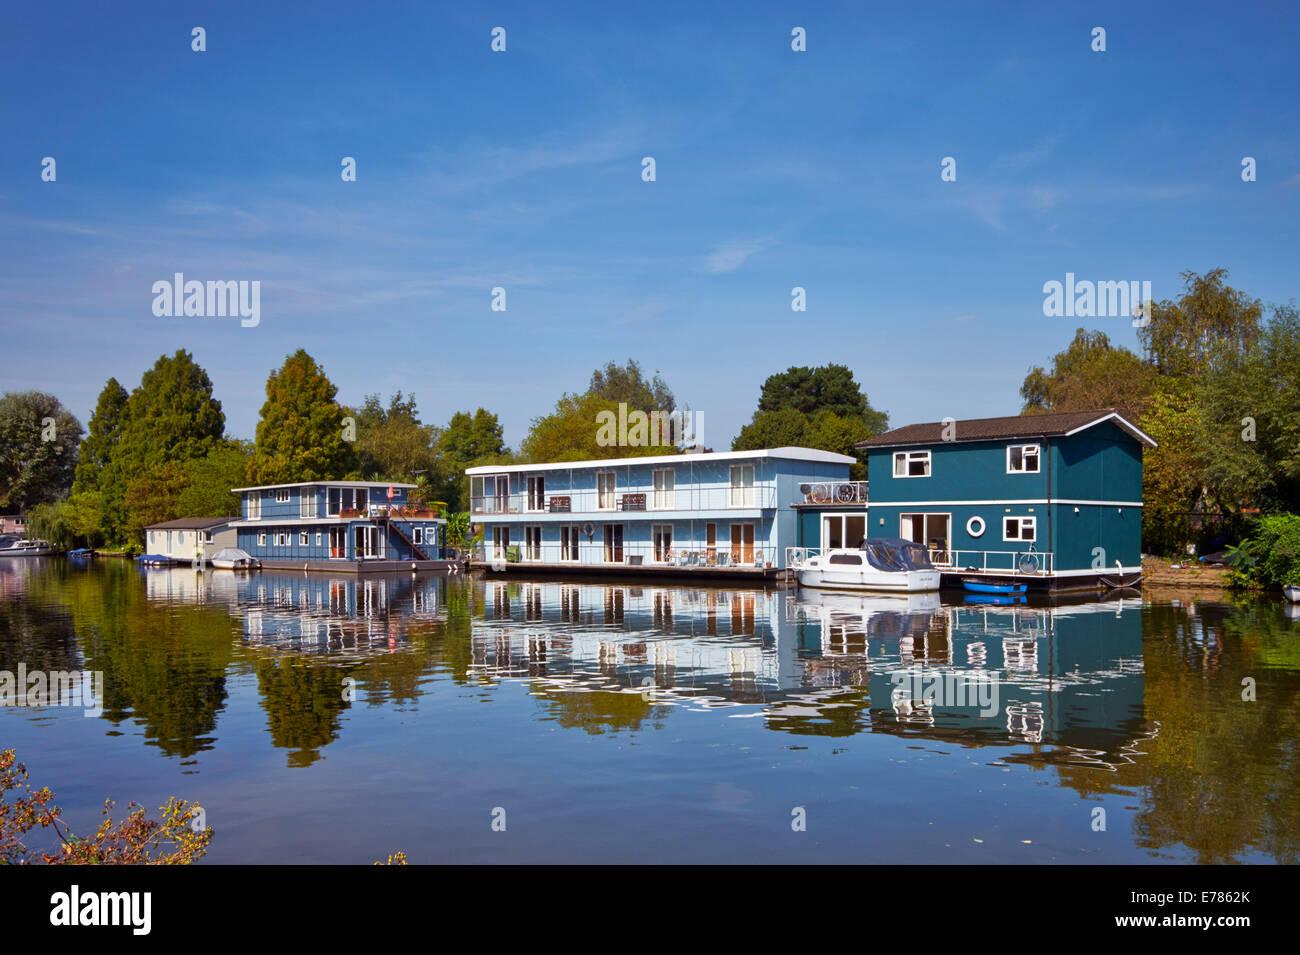 River Island Uk Live Chat